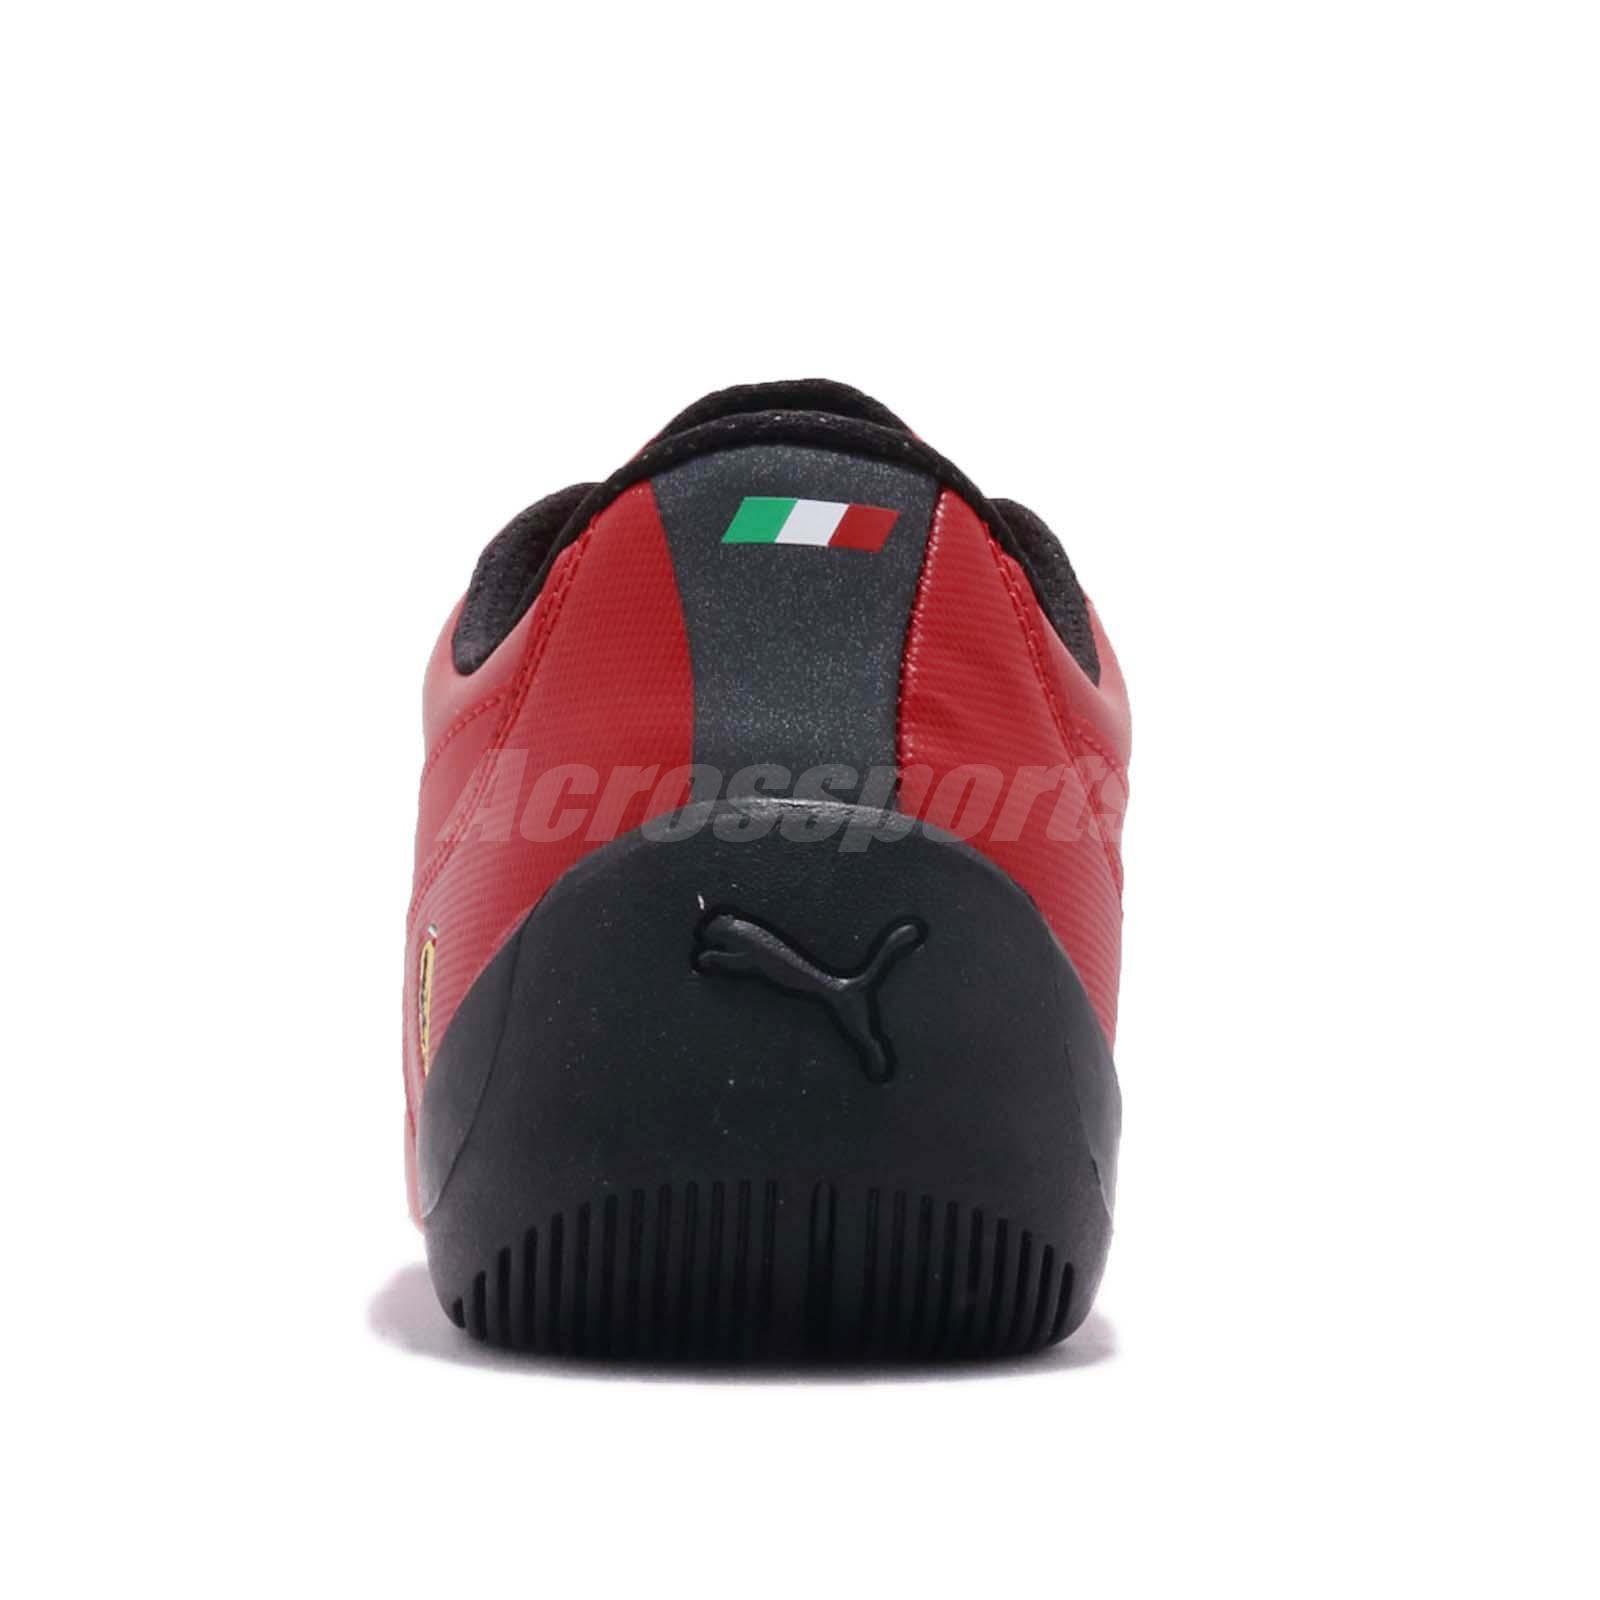 Puma SF Drift Cat 7 Ferrari Red Black Men Women Motorsport Shoes ... 7a6a2f0ae